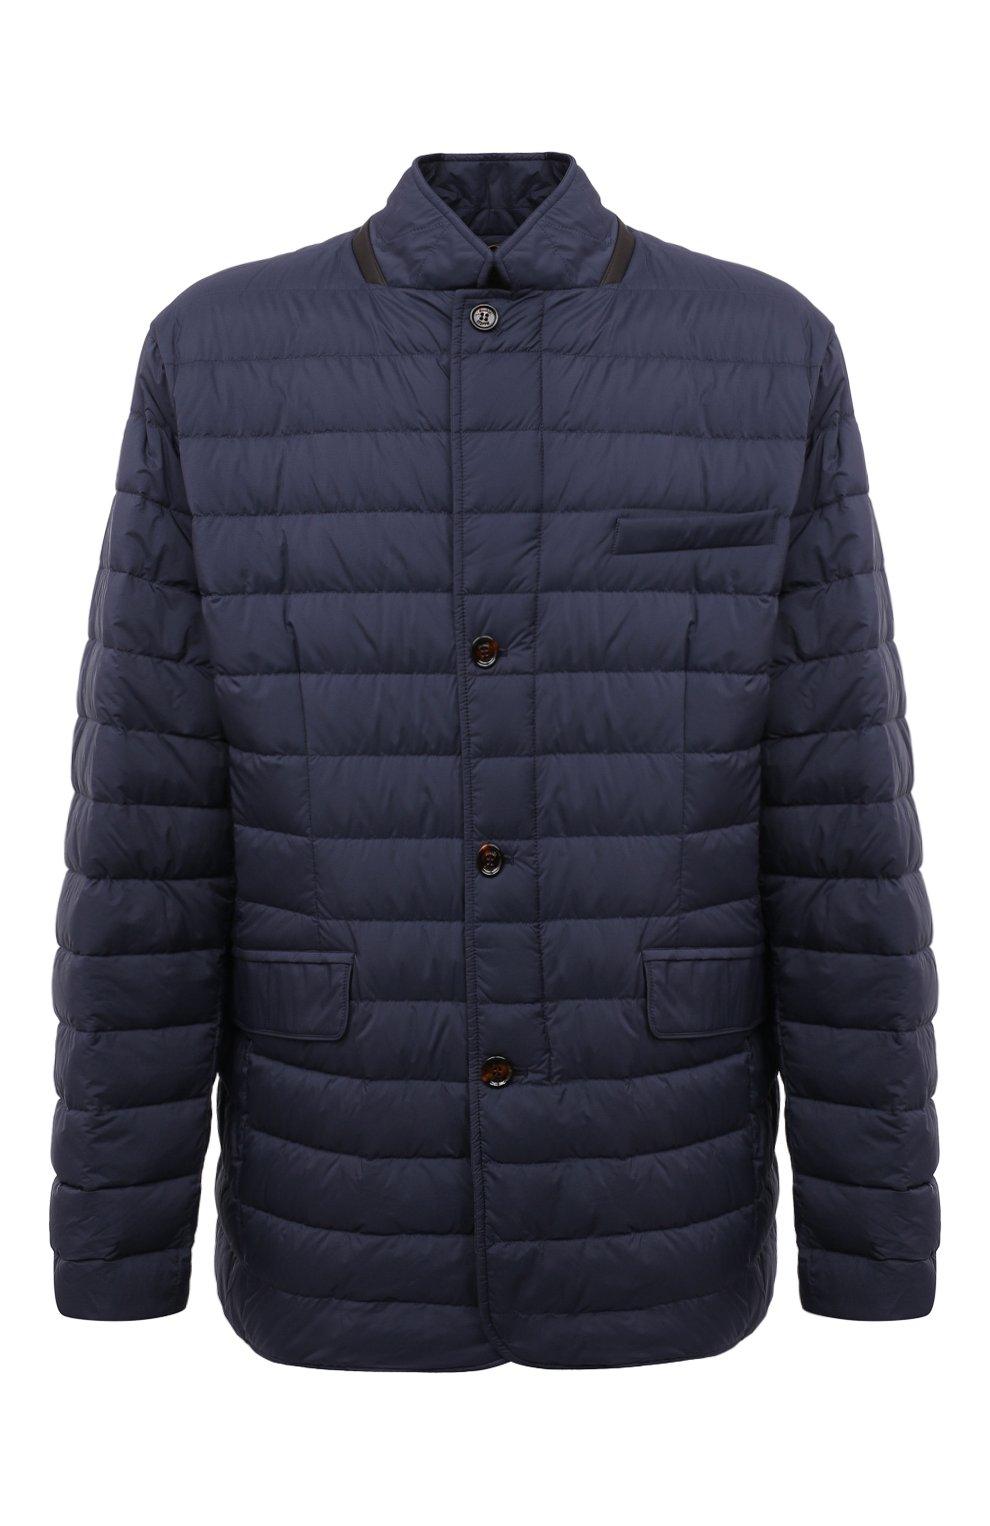 Мужская пуховая куртка zavyer-s3 MOORER синего цвета, арт. ZAVYER-S3/M0UGI100071-TEPA028/60-68   Фото 1 (Кросс-КТ: Куртка, Пуховик; Мужское Кросс-КТ: пуховик-короткий; Рукава: Длинные; Длина (верхняя одежда): До середины бедра; Материал внешний: Синтетический материал; Стили: Классический; Материал подклада: Синтетический материал; Материал утеплителя: Пух и перо)